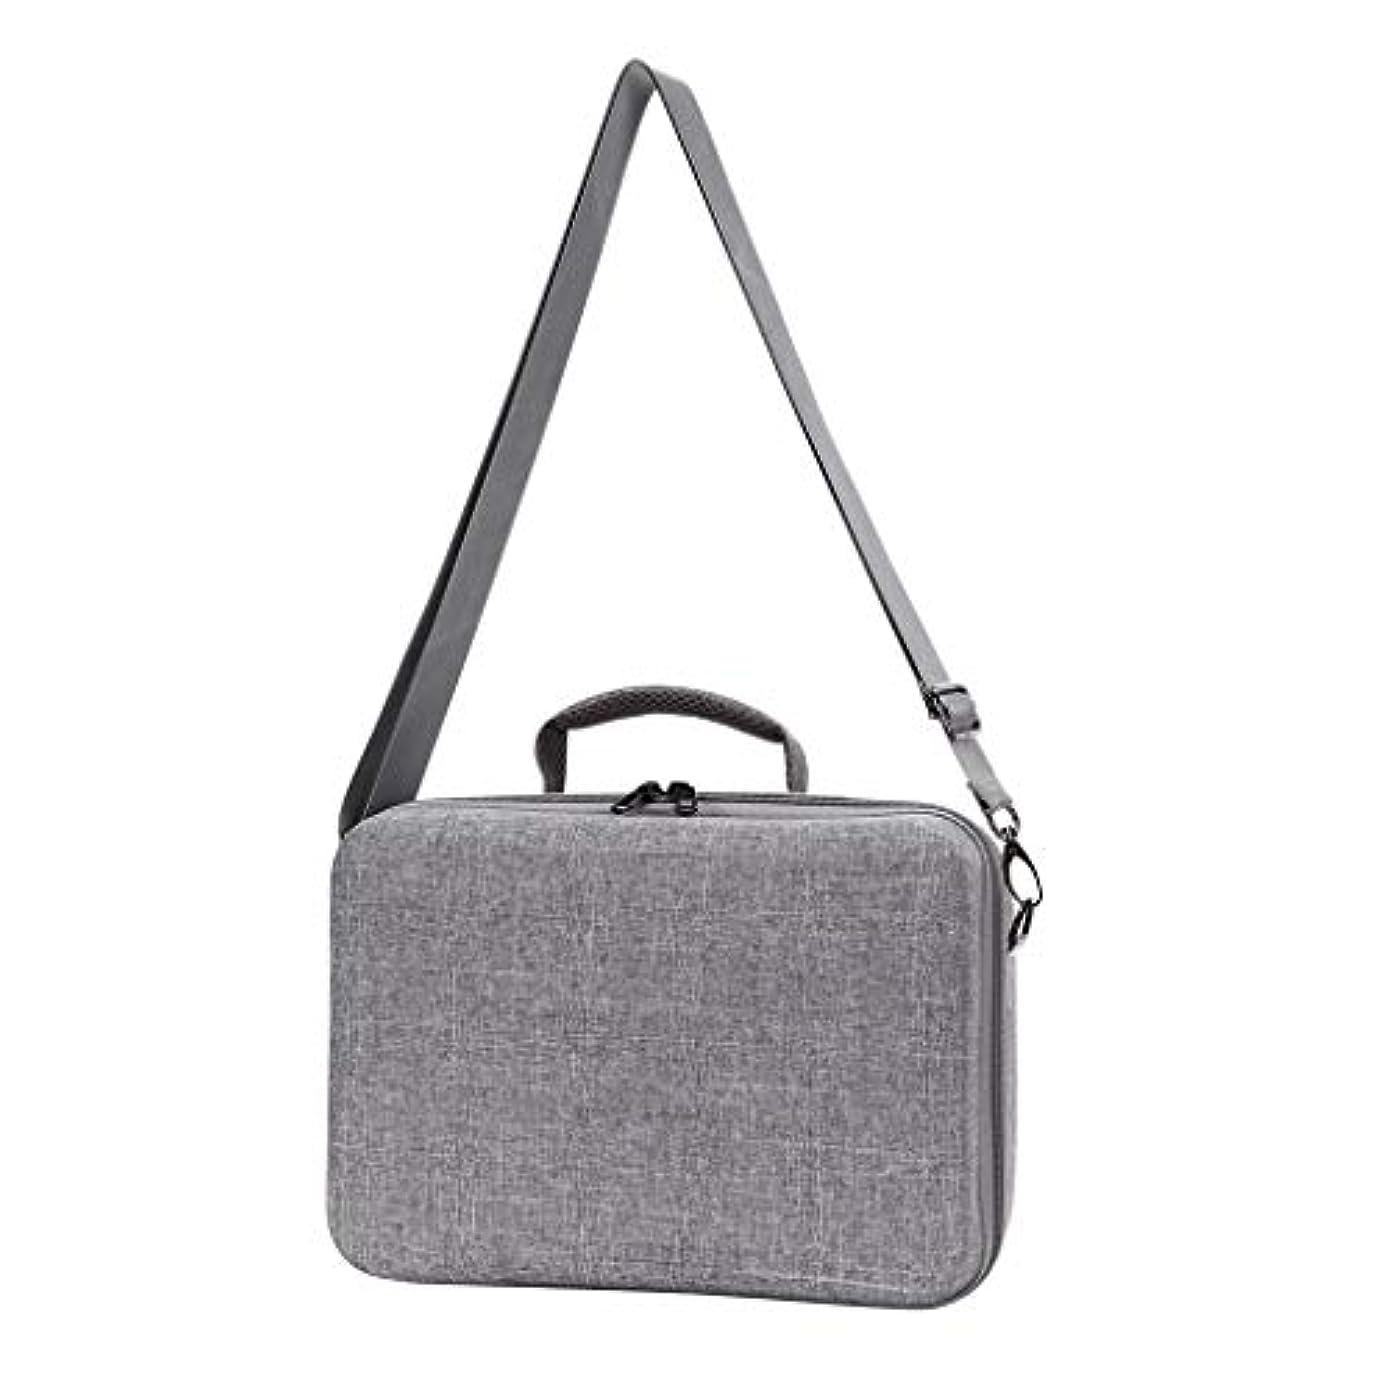 突き出す隣接これまで収納バッグ スーツケース 防水 道具 ケース 汎用性